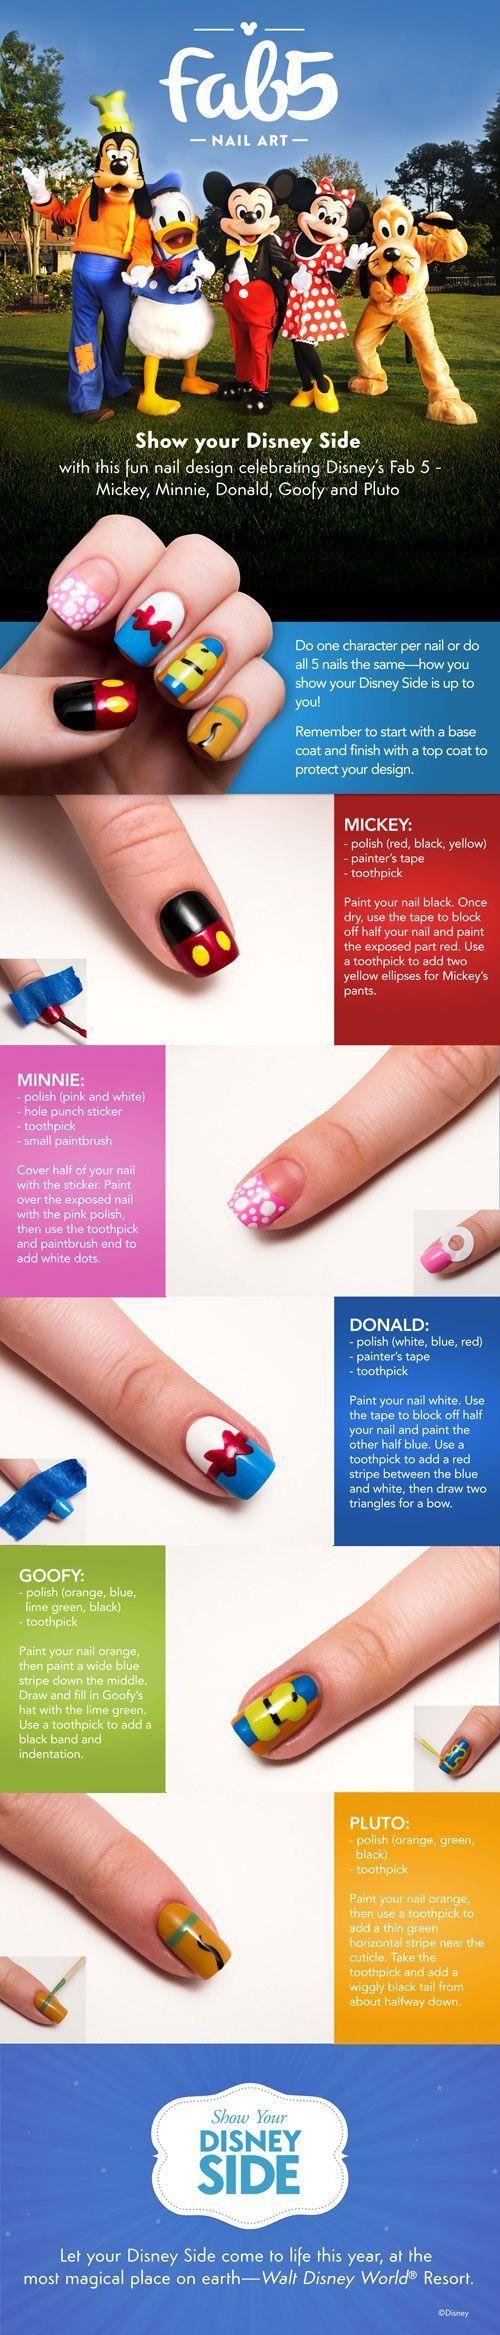 Leuk!!!!! I <3 Disney! - Nagels | Pinterest - Disney, Nagel en Gelnagels